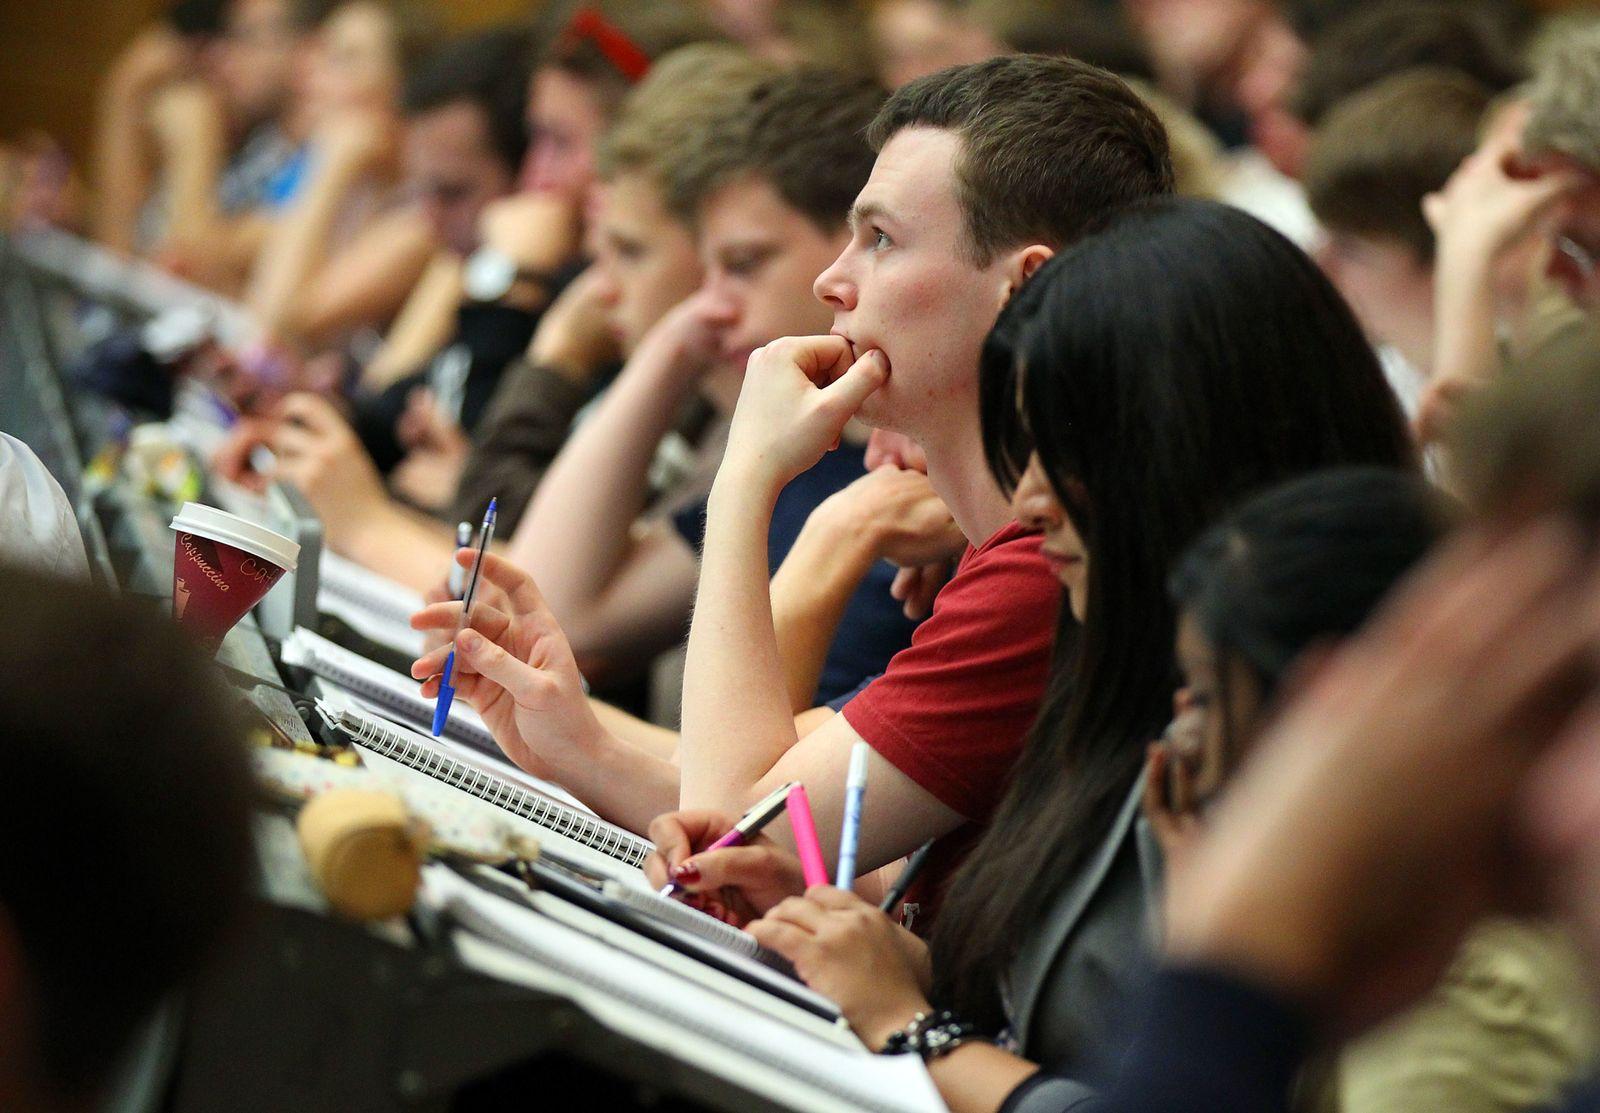 Studenten im Hörsaal / Vorlesung